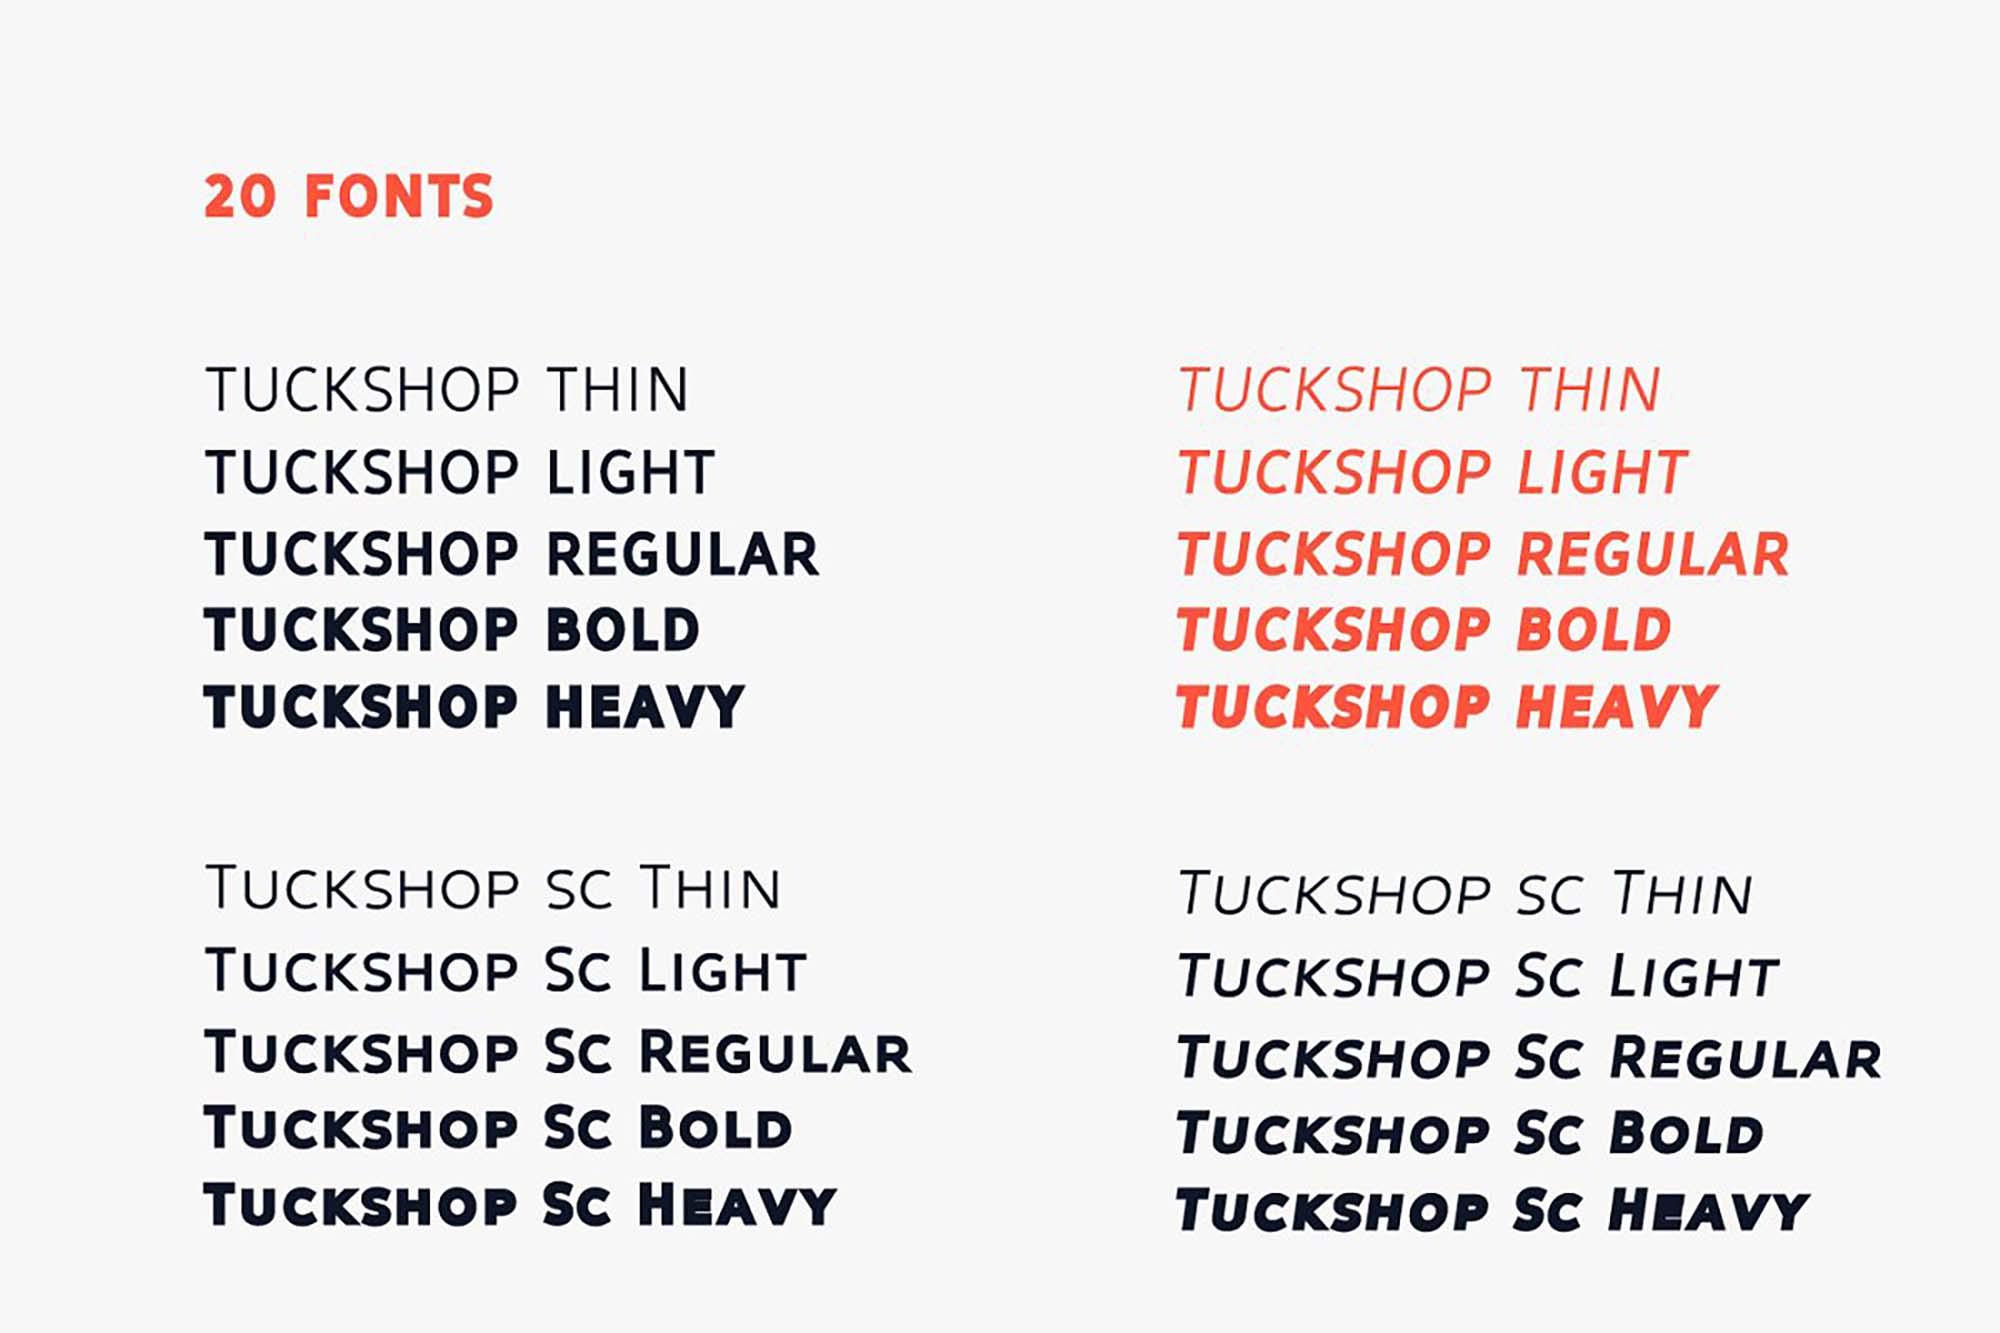 Tuckshop Titling Font Family 2